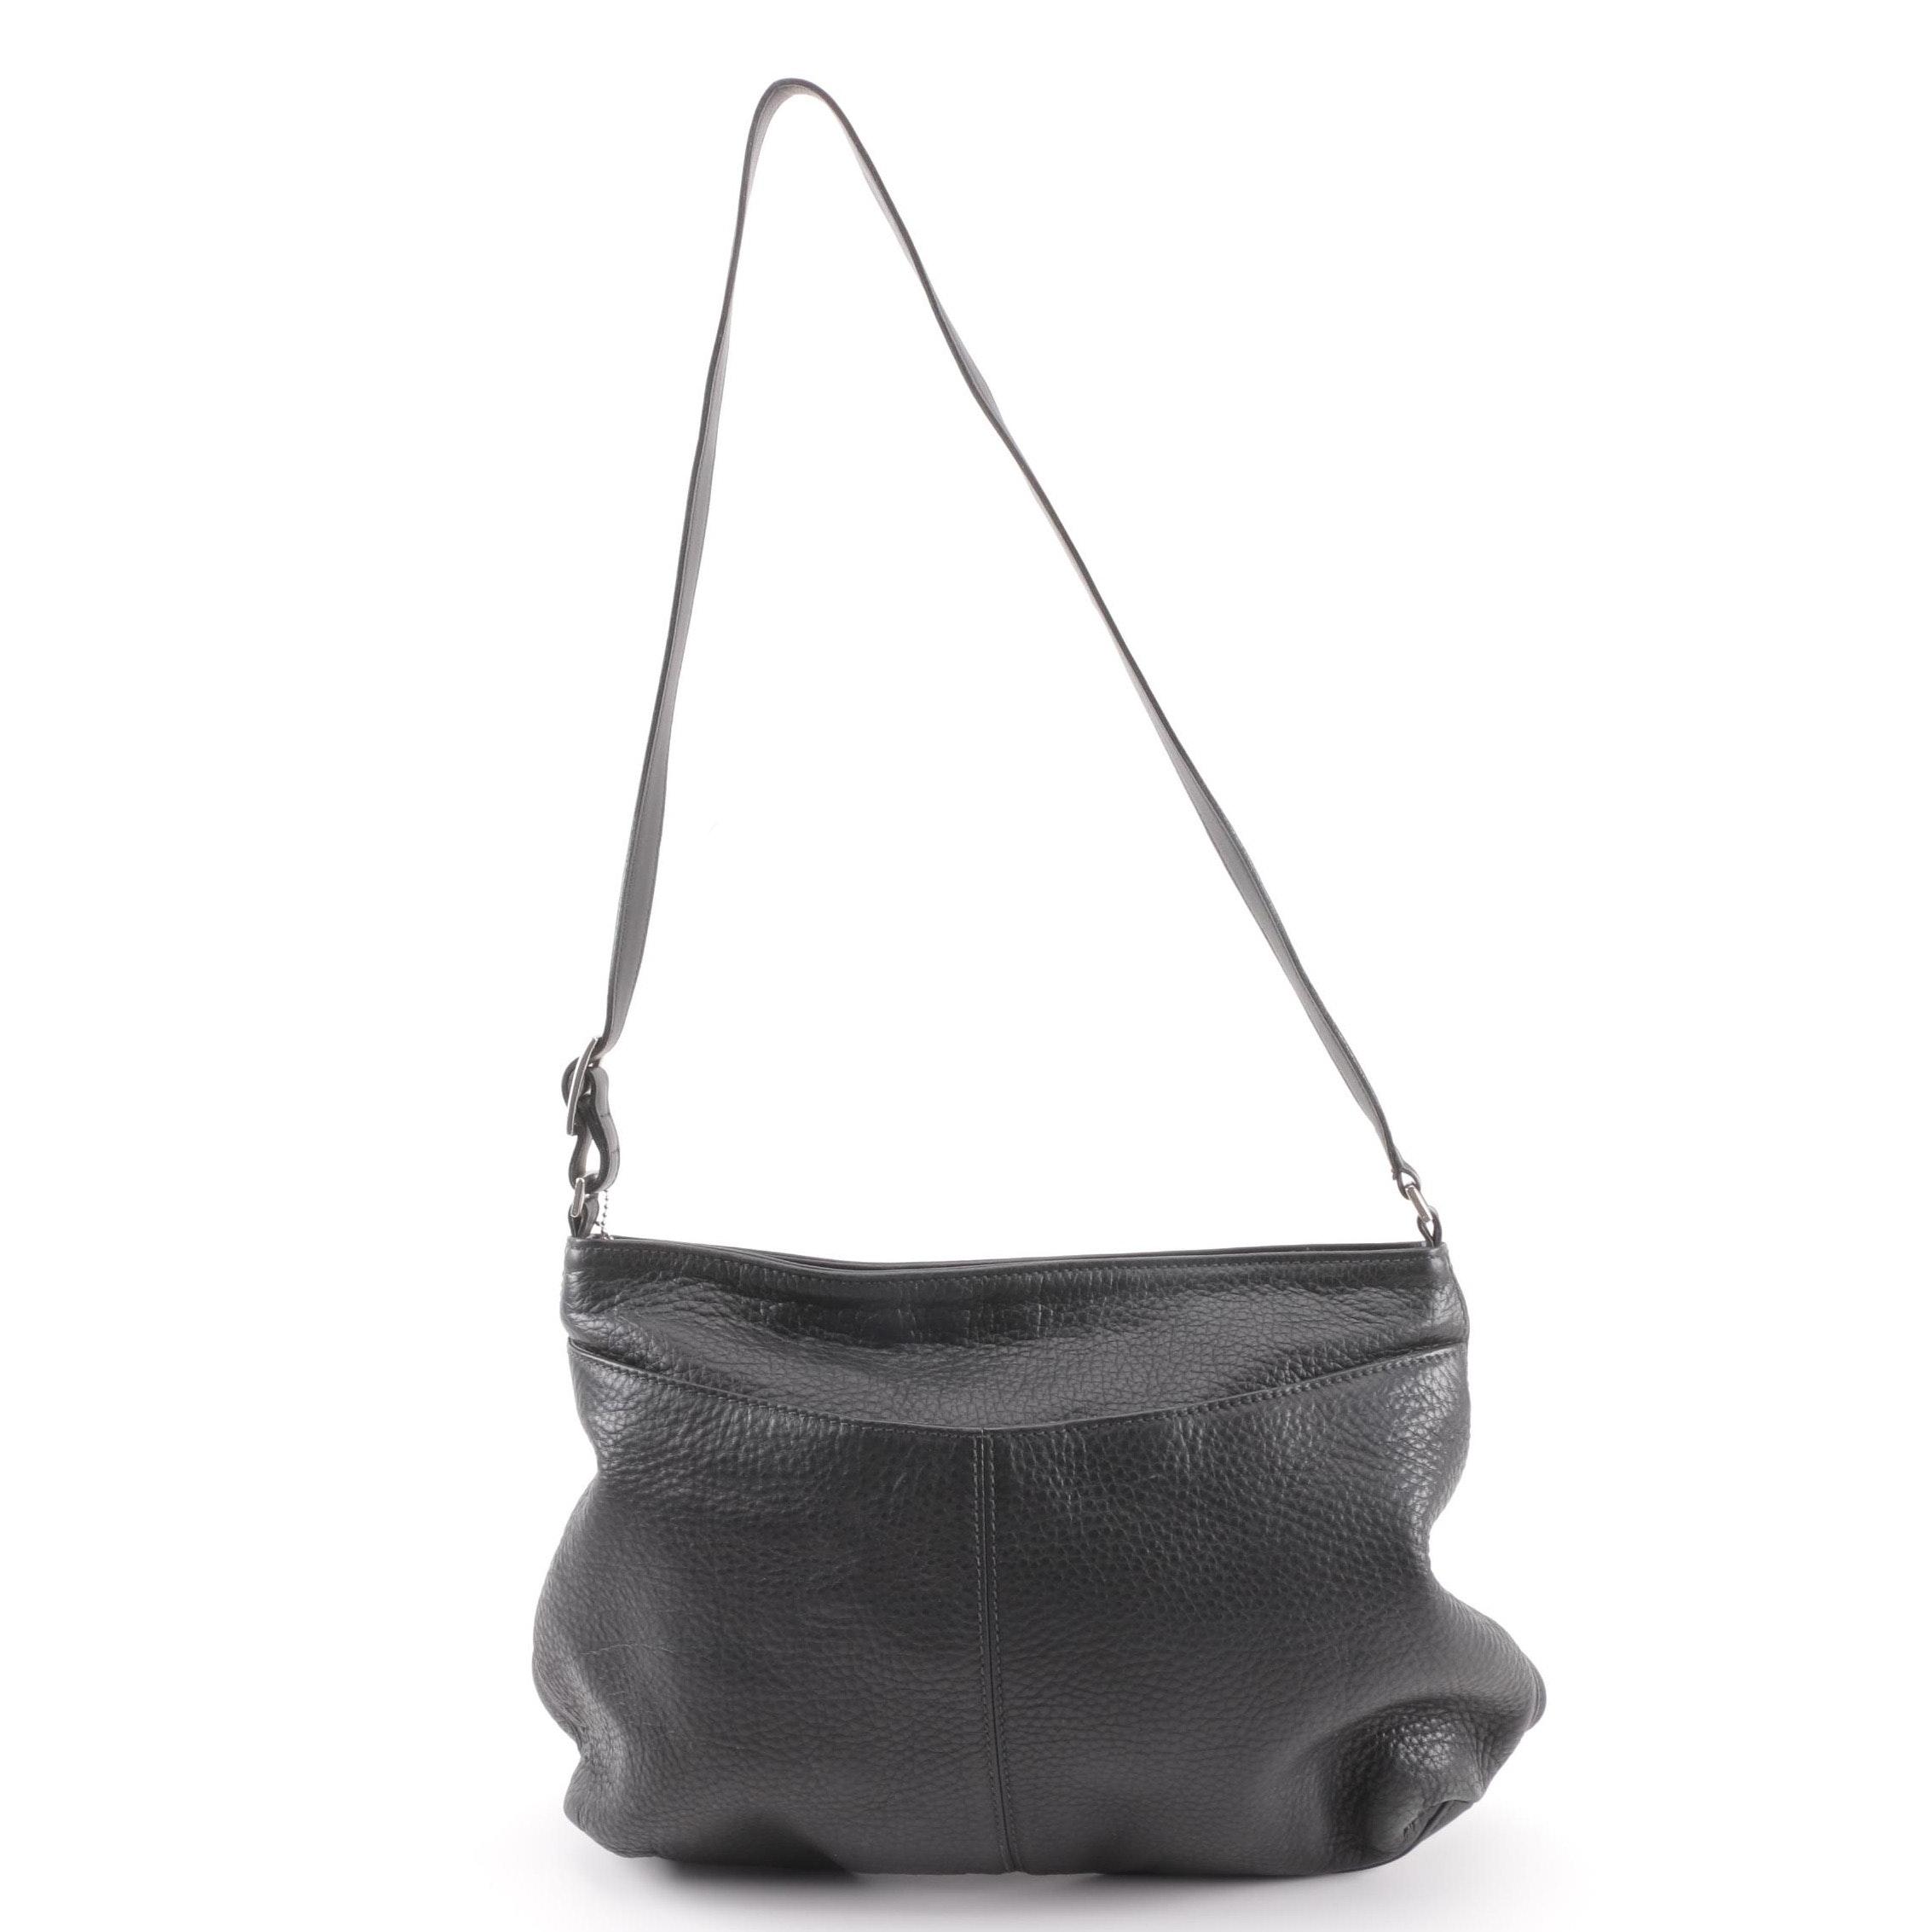 1998 Coach Black Pebbled Leather Shoulder Bag